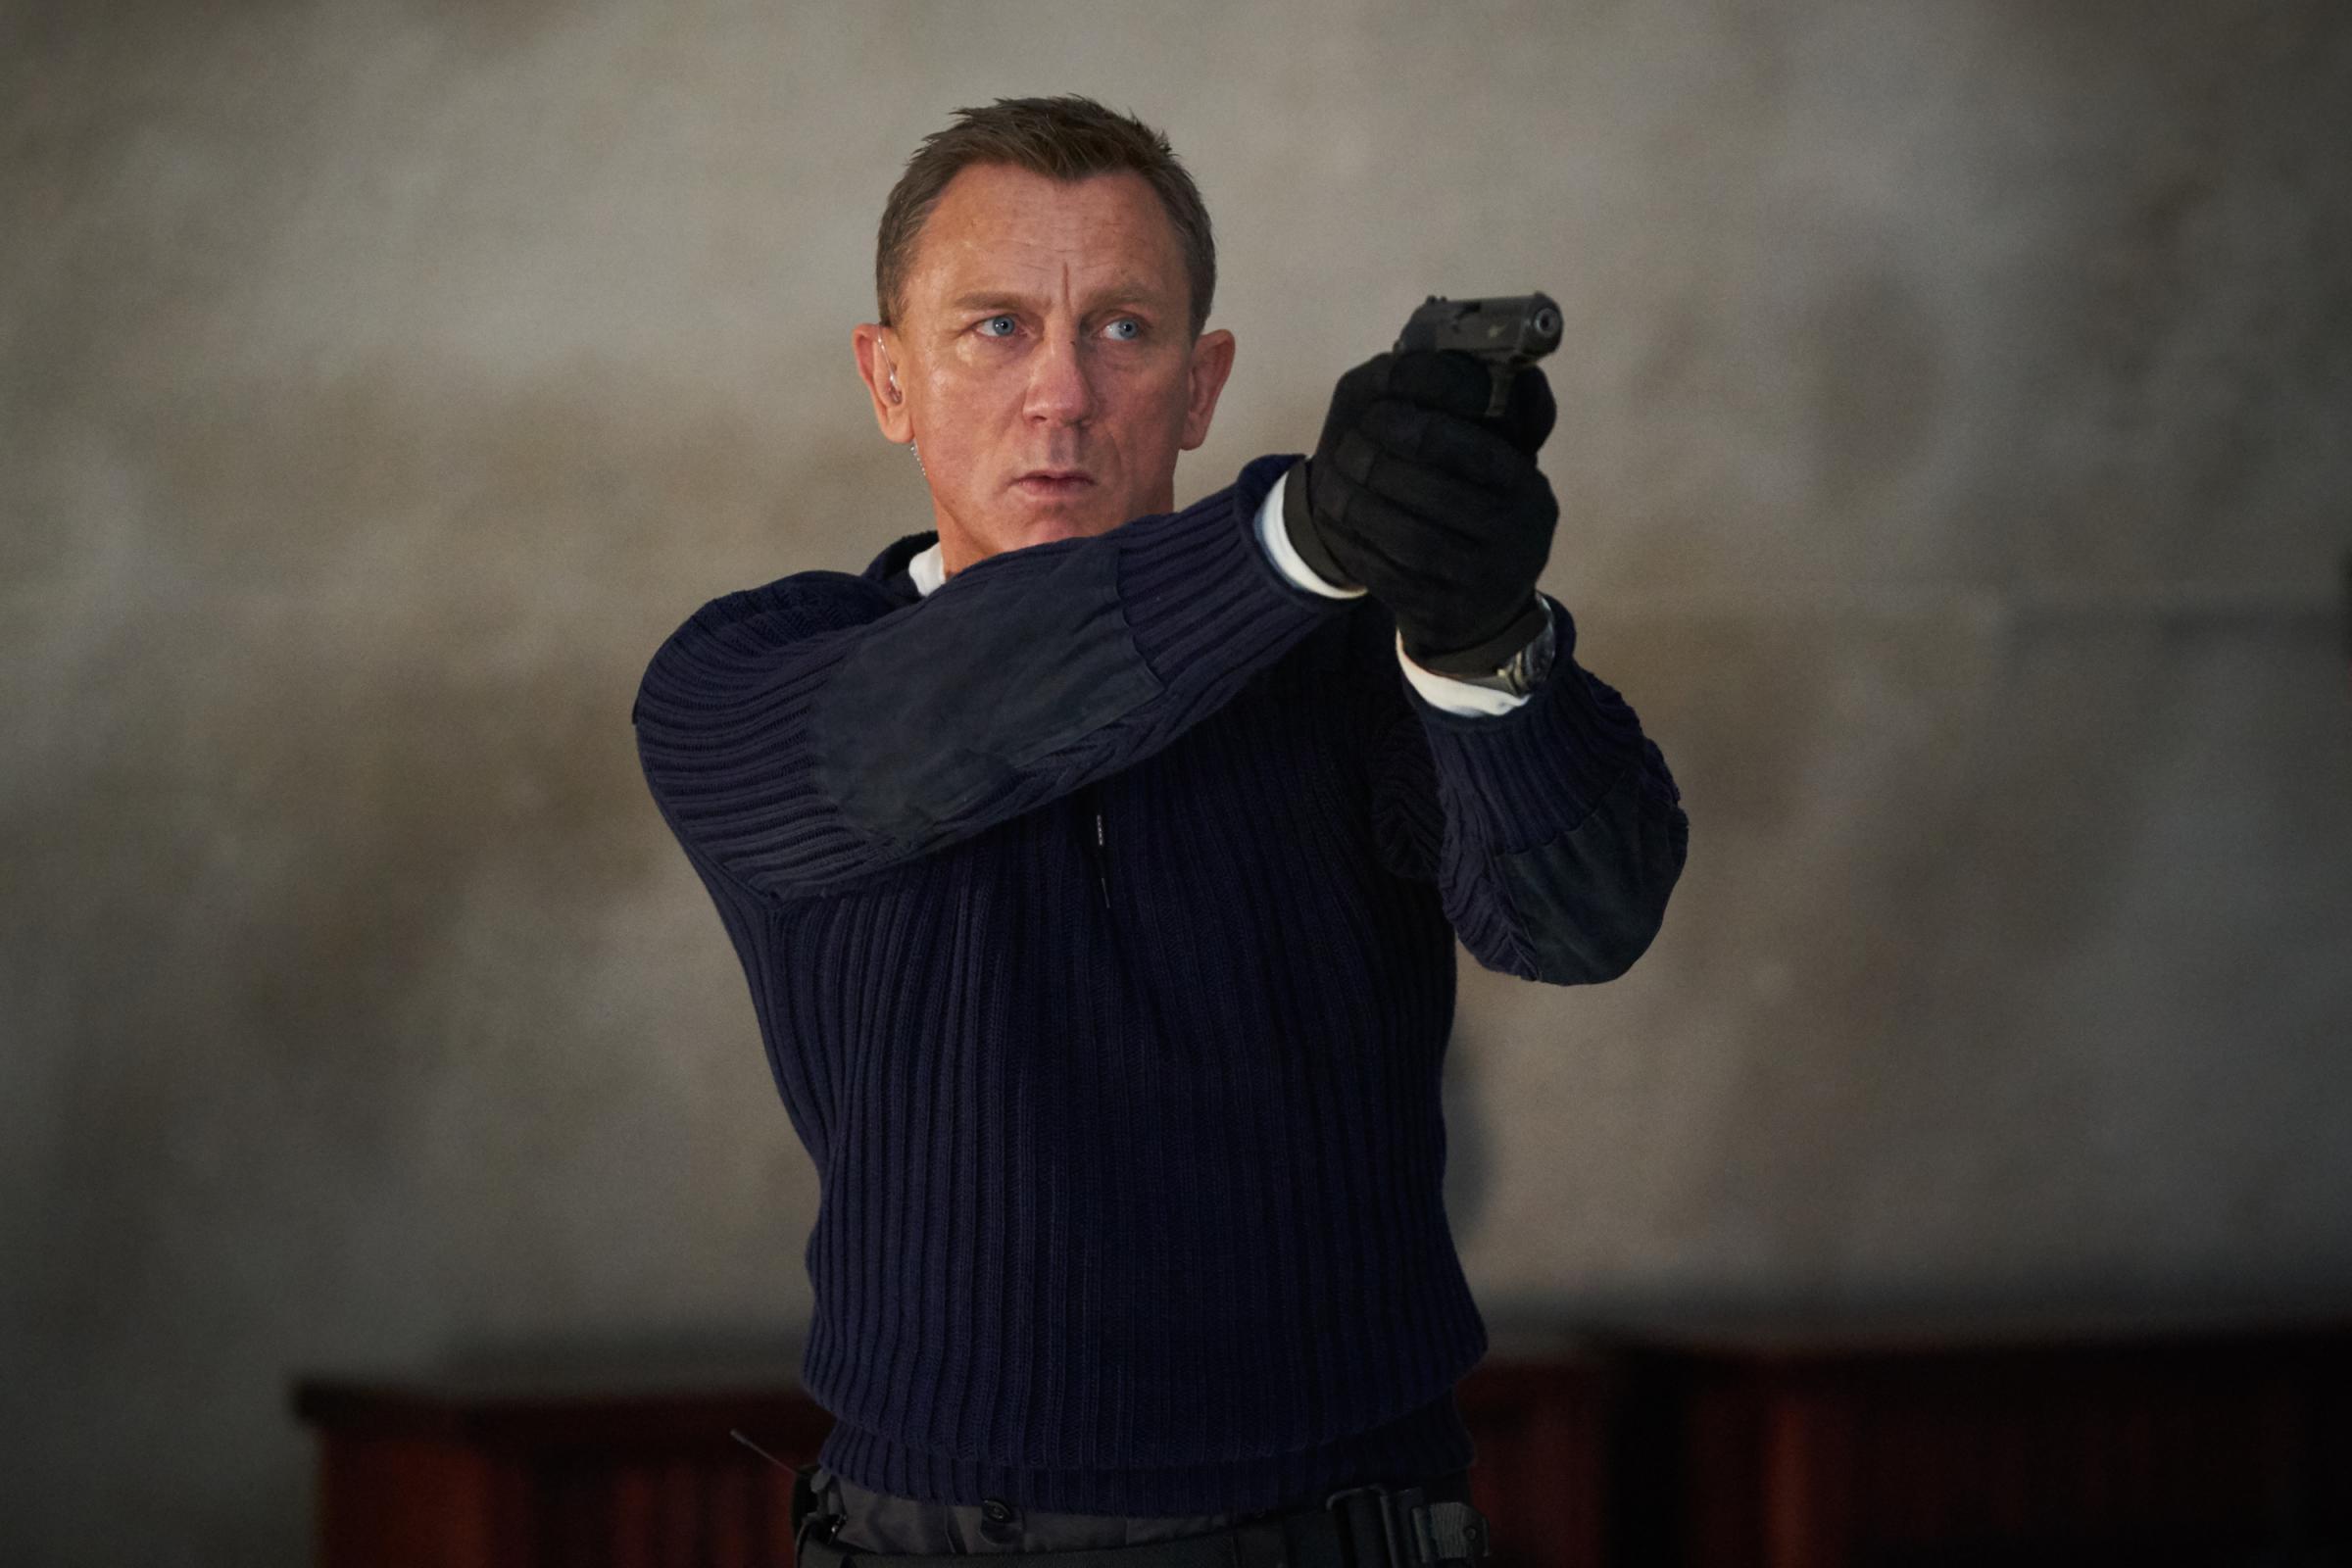 James Bond: No Time To Die menghasilkan £5 juta di box office Inggris pada hari pembukaan